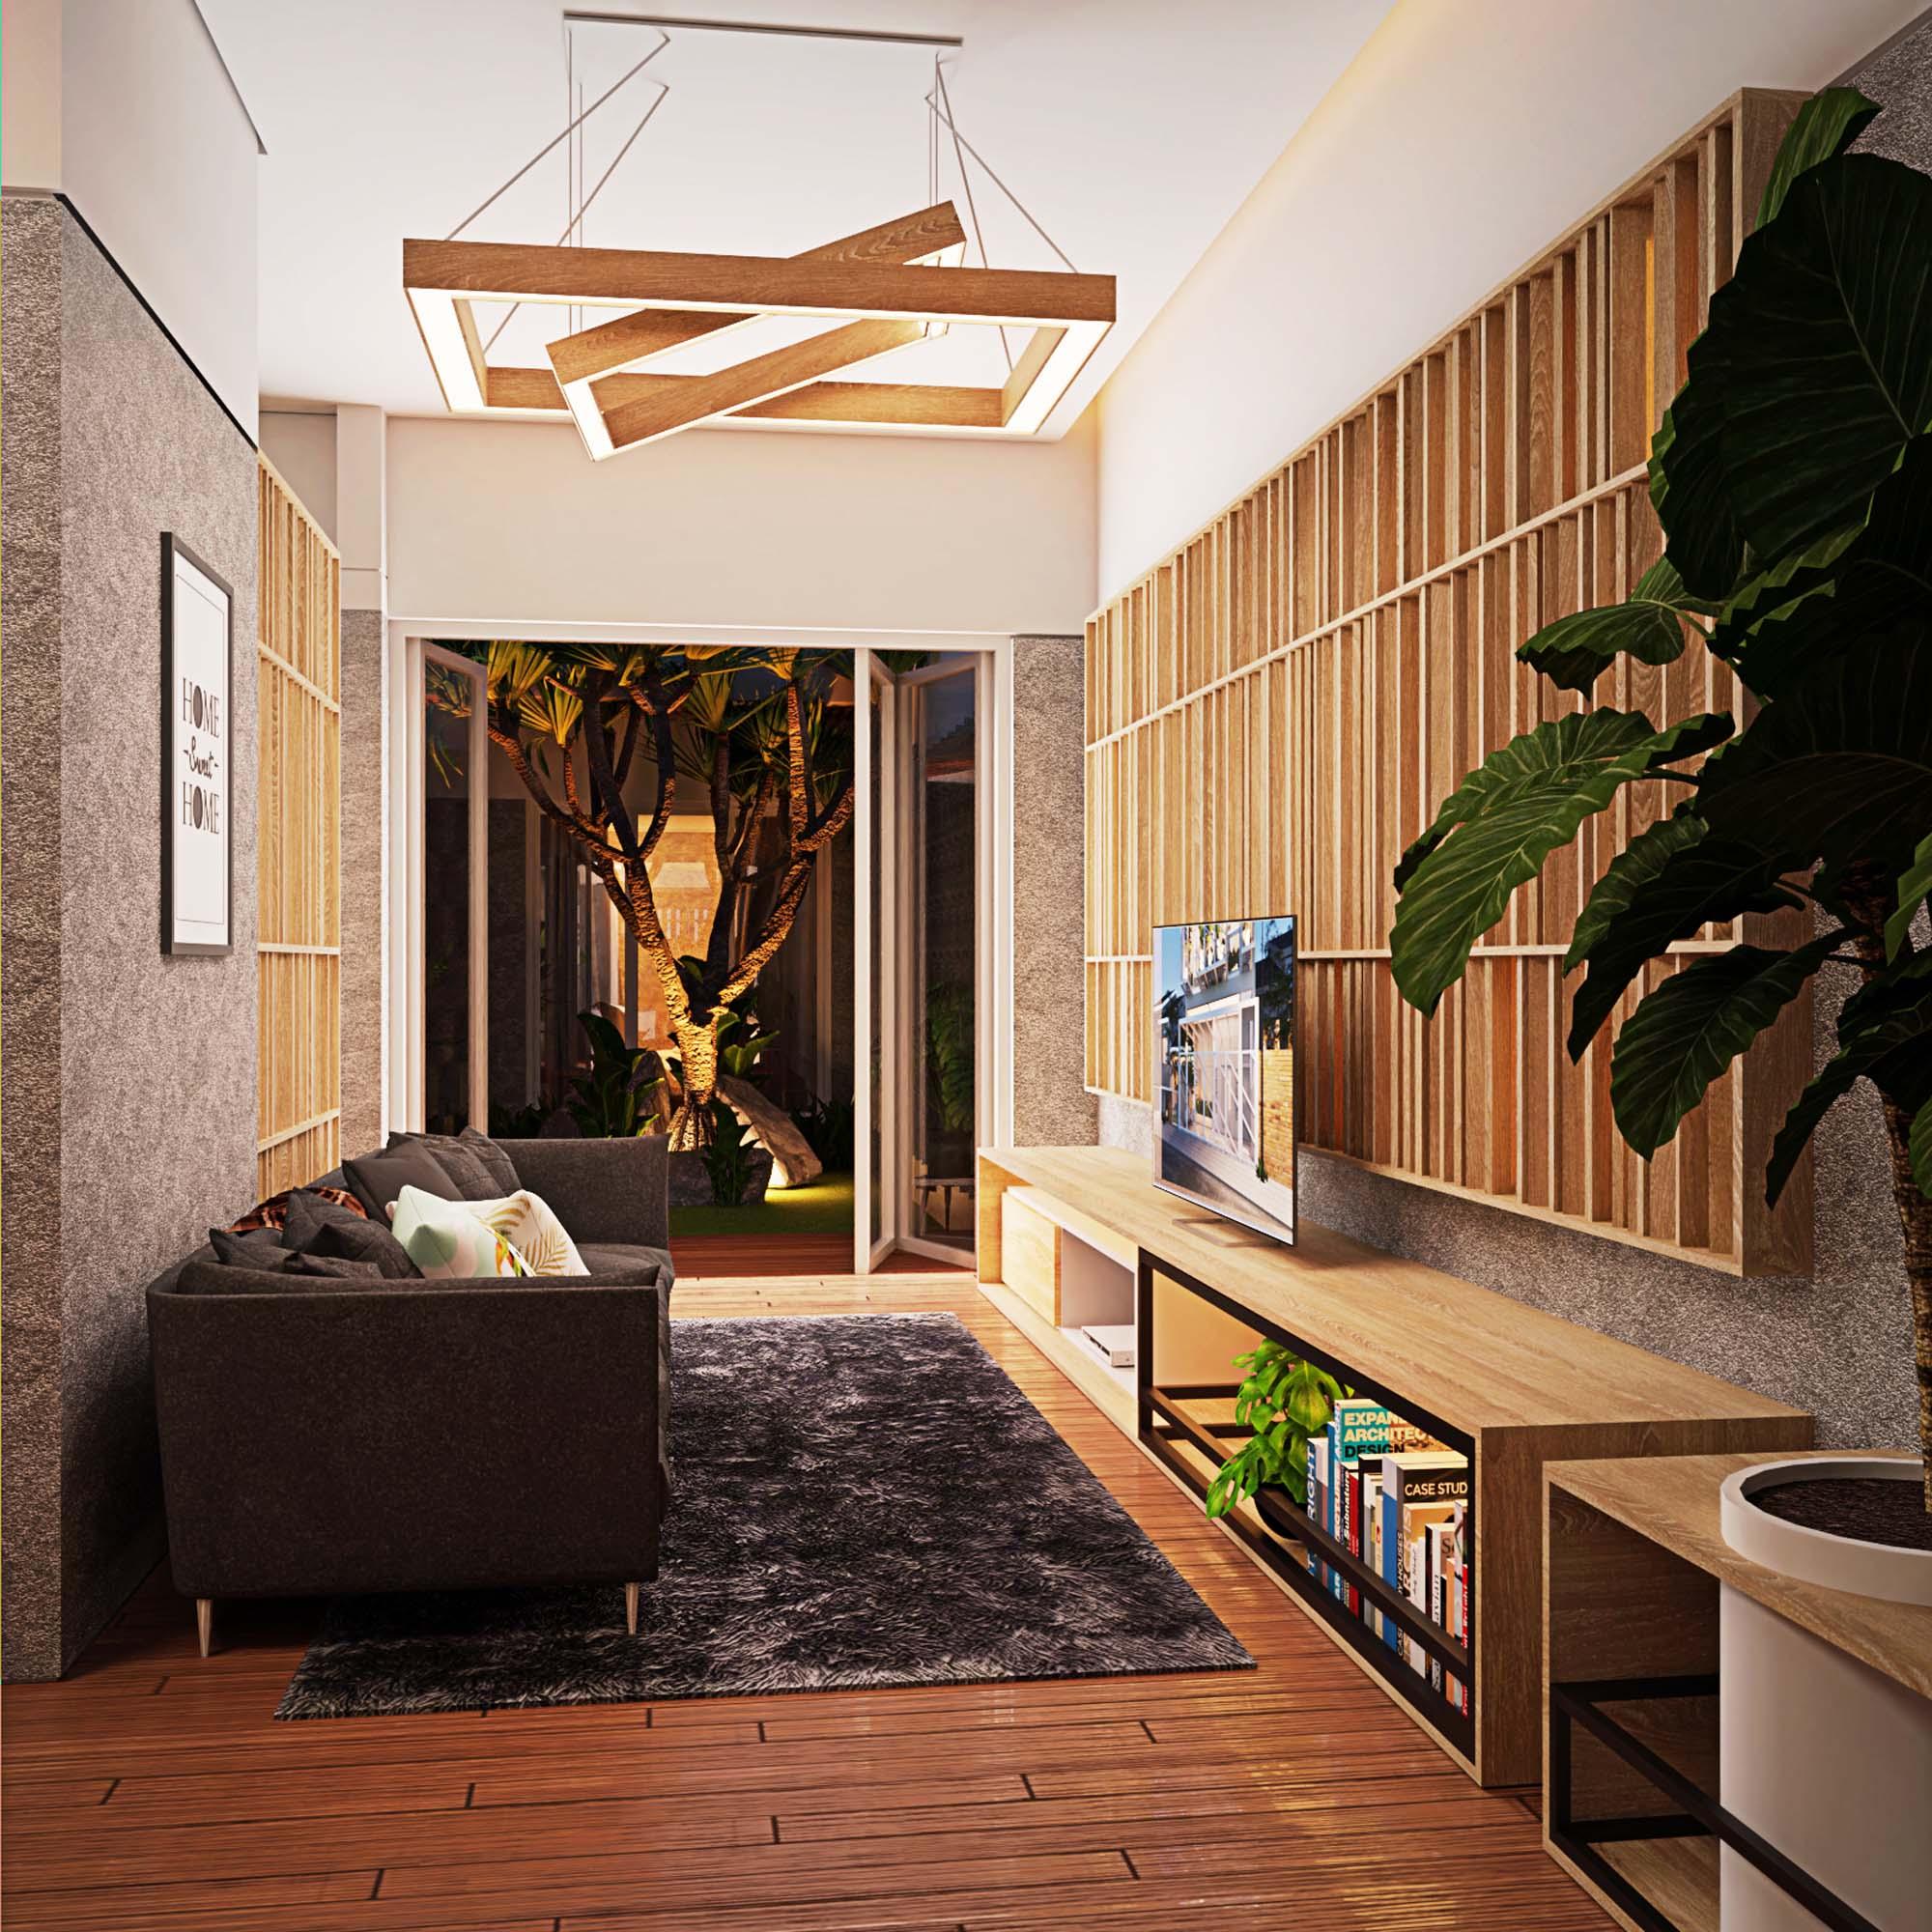 interior rumah panjang - malam